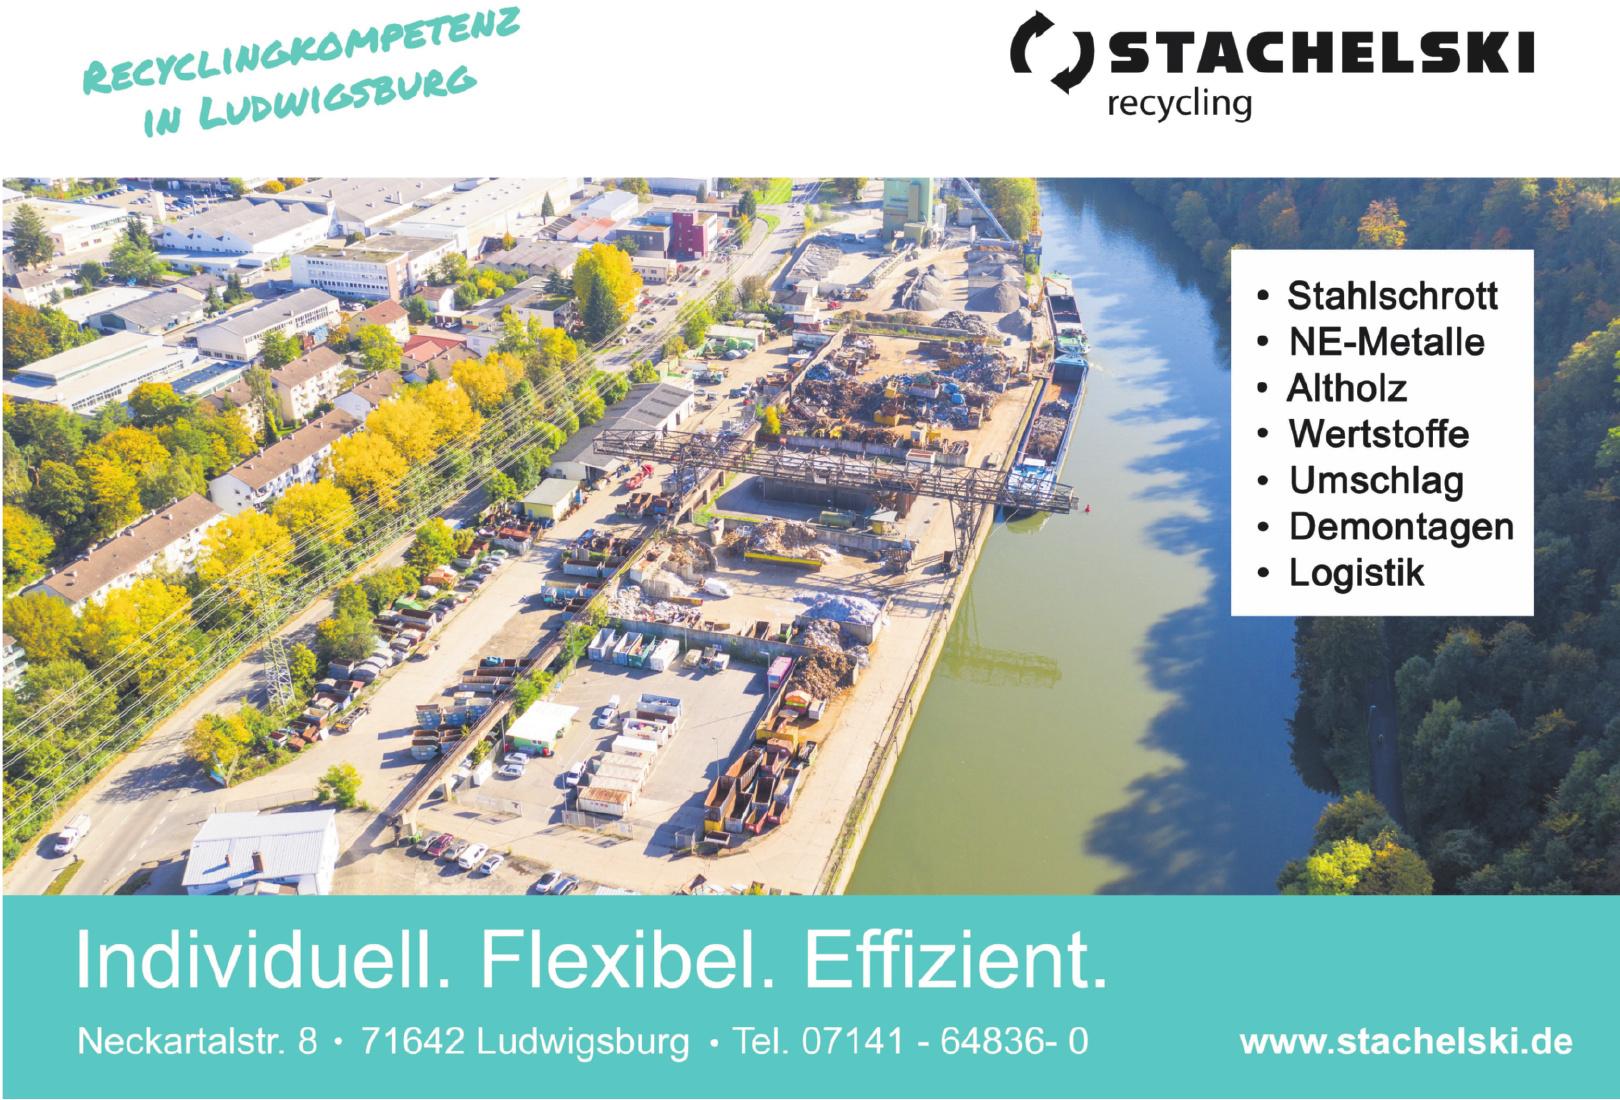 Stachelski GmbH